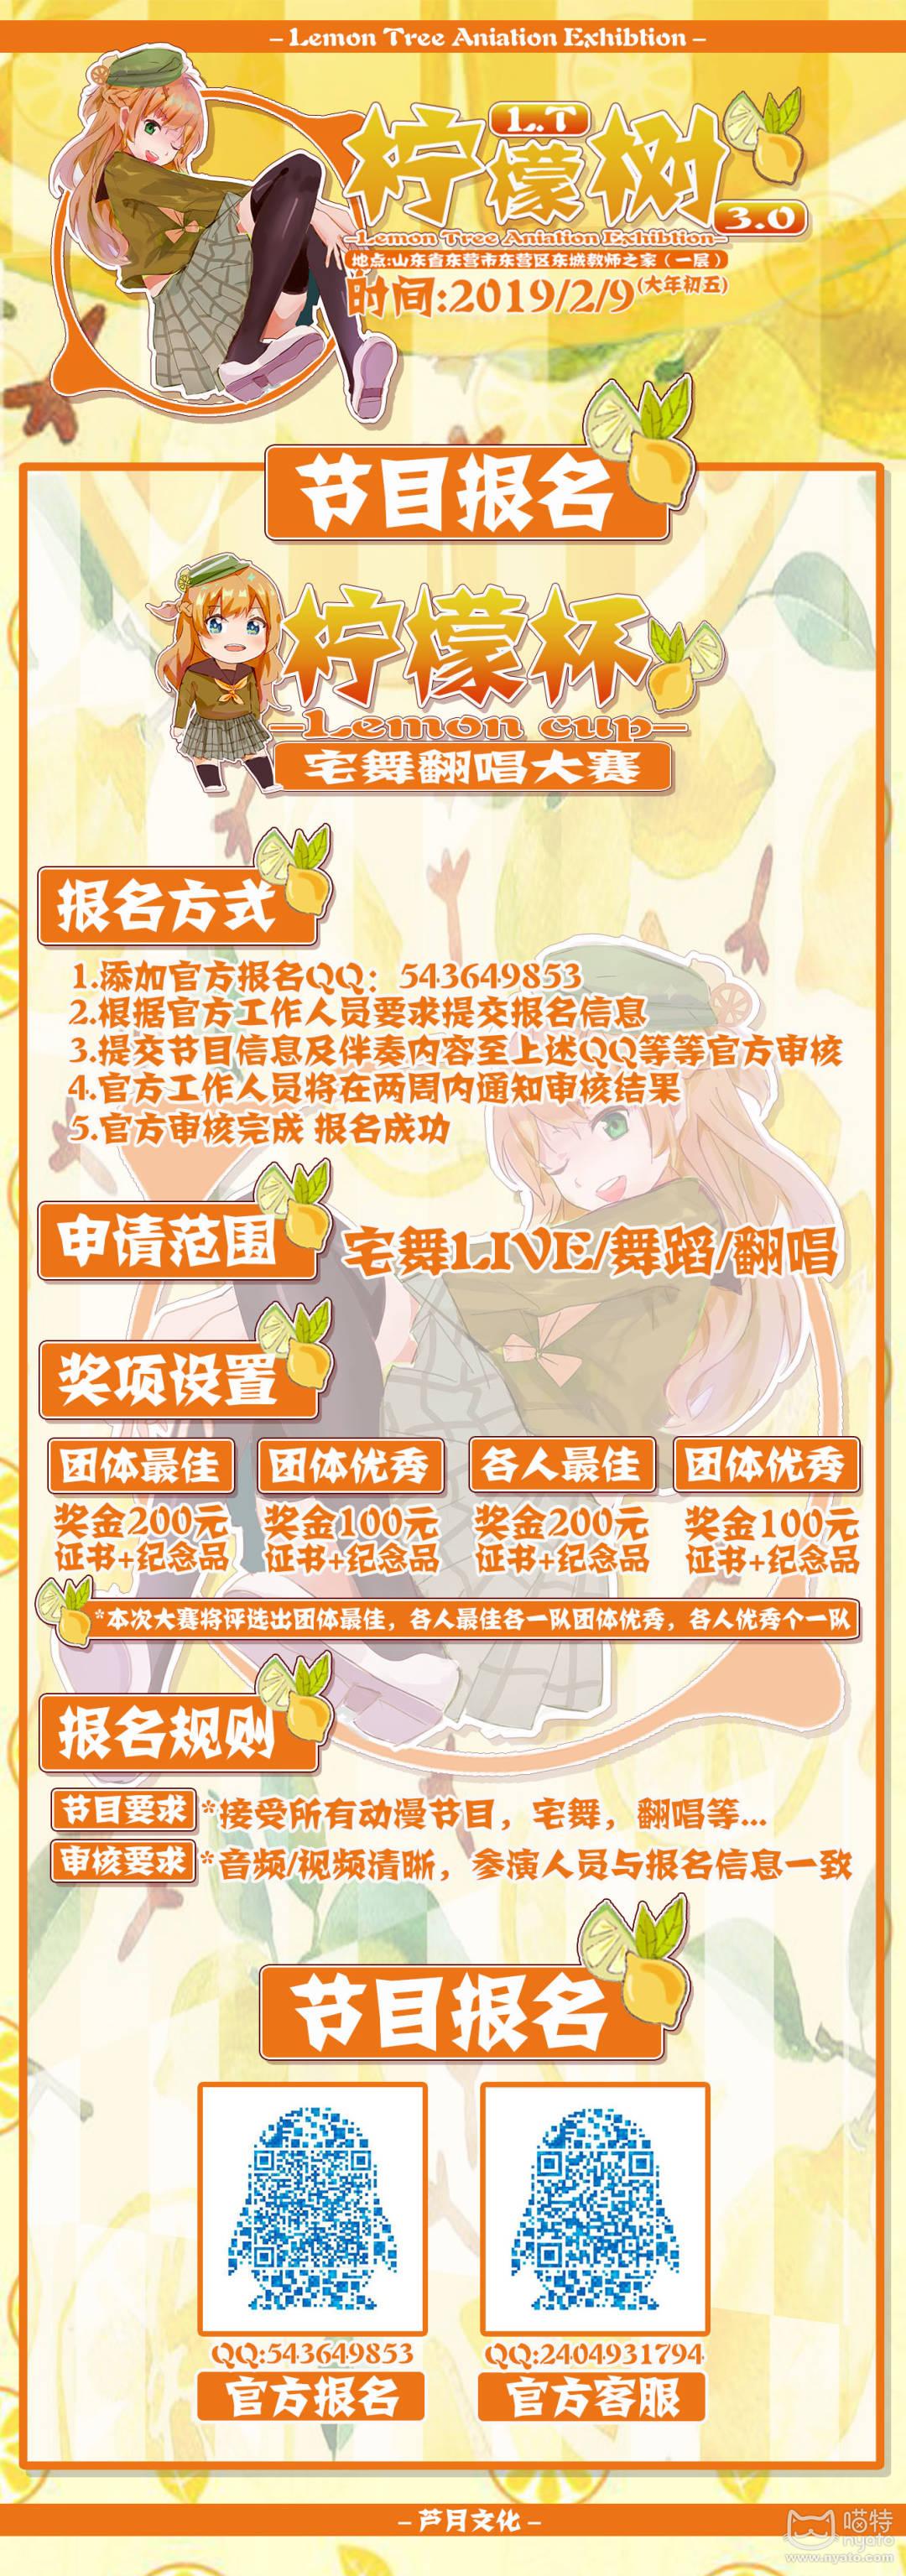 柠檬树3.0二宣(节目报名).jpg